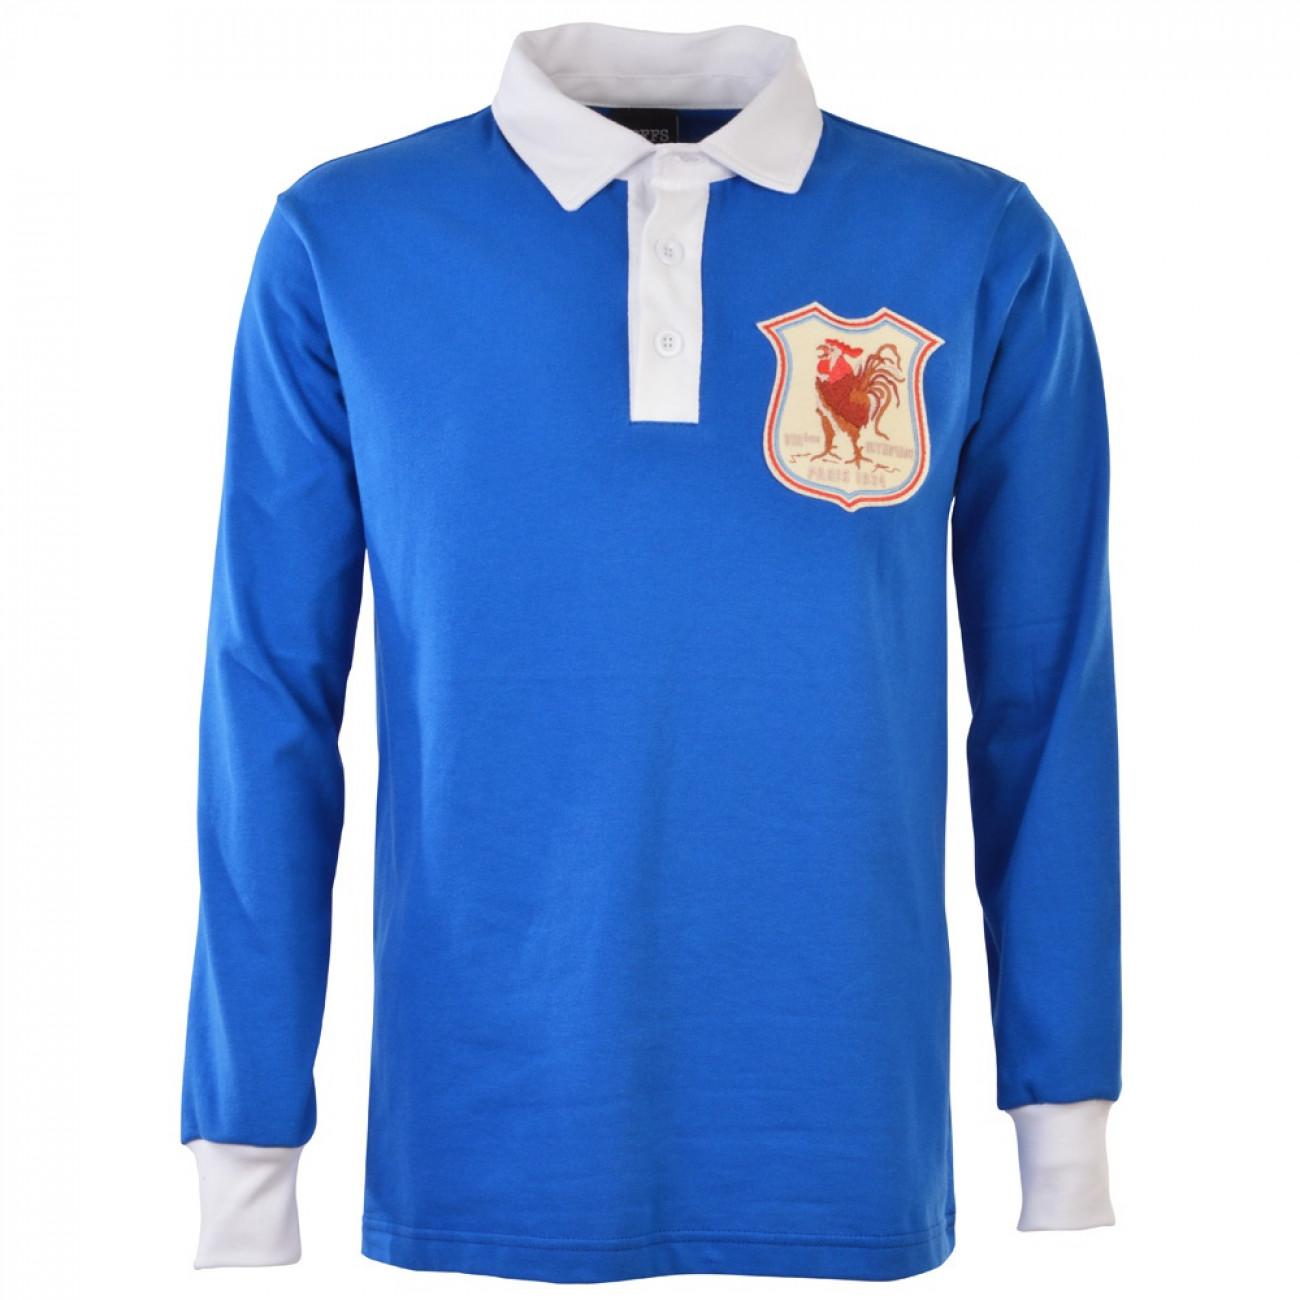 France 1924 vintage rugby shirt